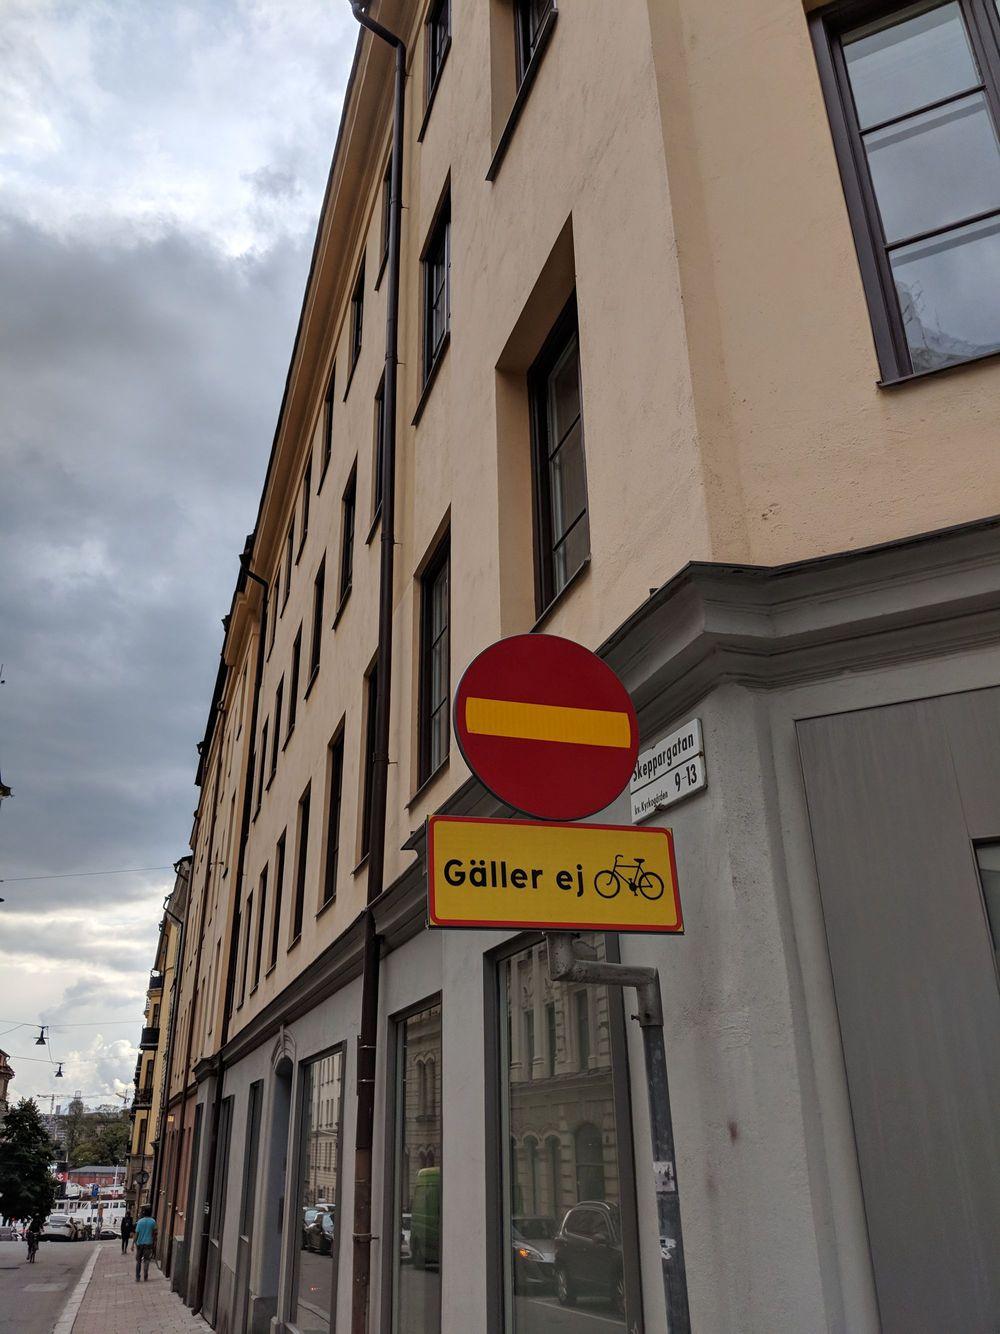 Stockholms skyltar får okej av rätten